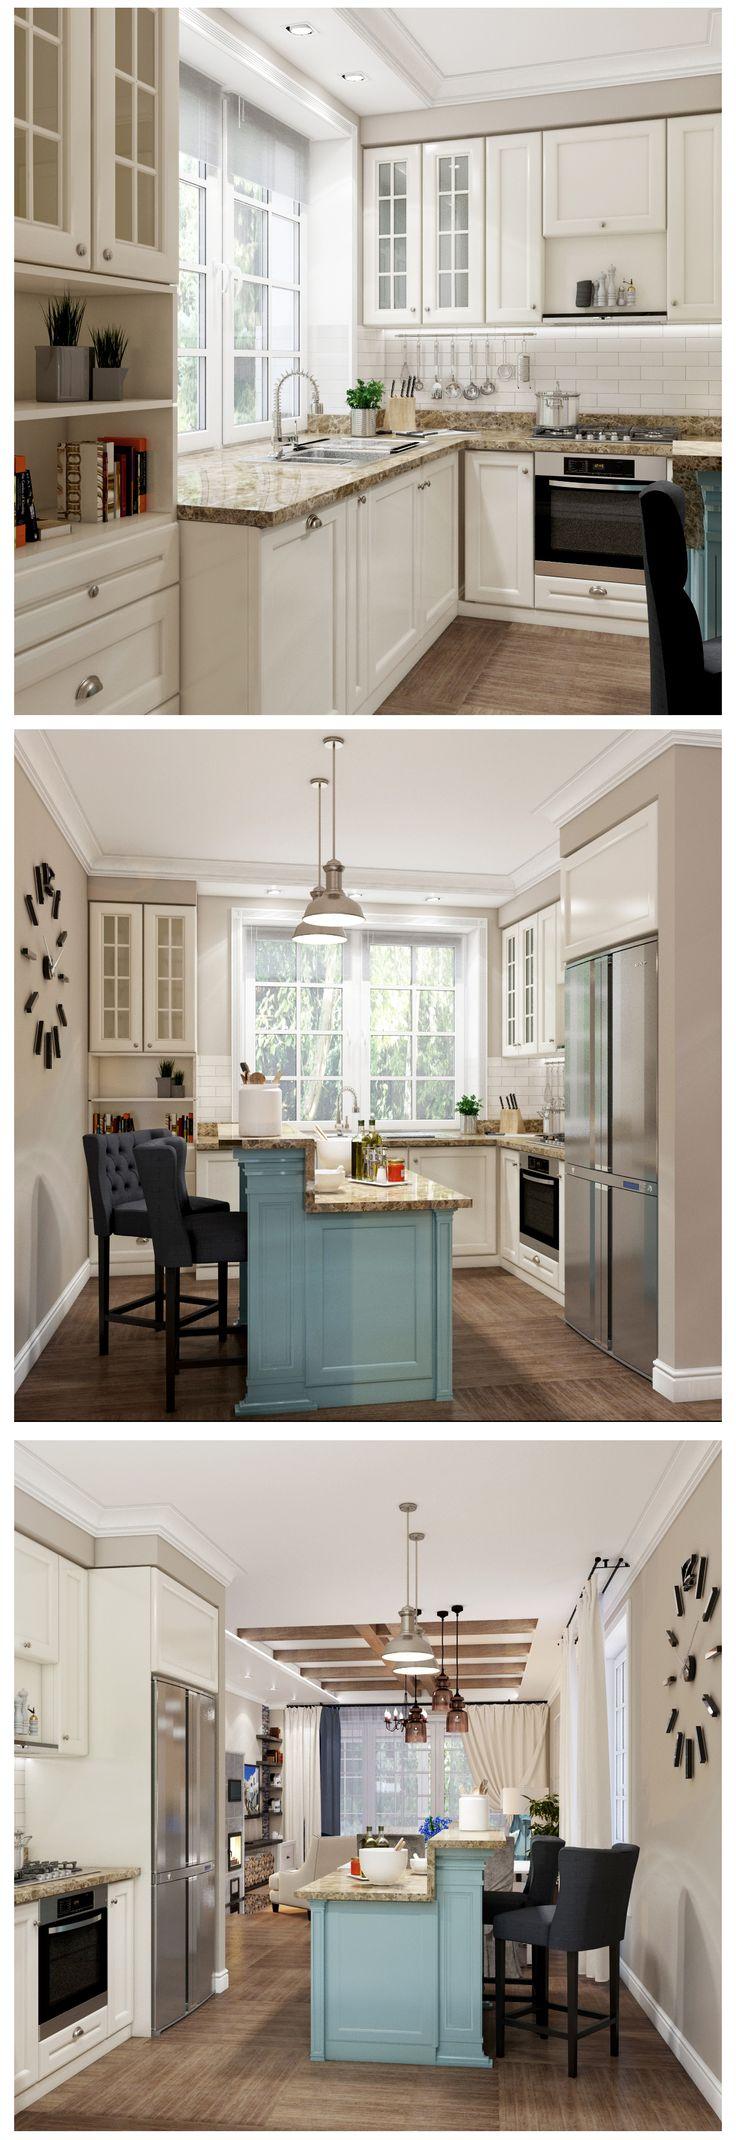 Кухня в Прибрежном стиле, гармоничное сочетание молочно белого, бежевого и пастельно синего цвета создают гармонию в пространстве. turquoise Kitchen Island